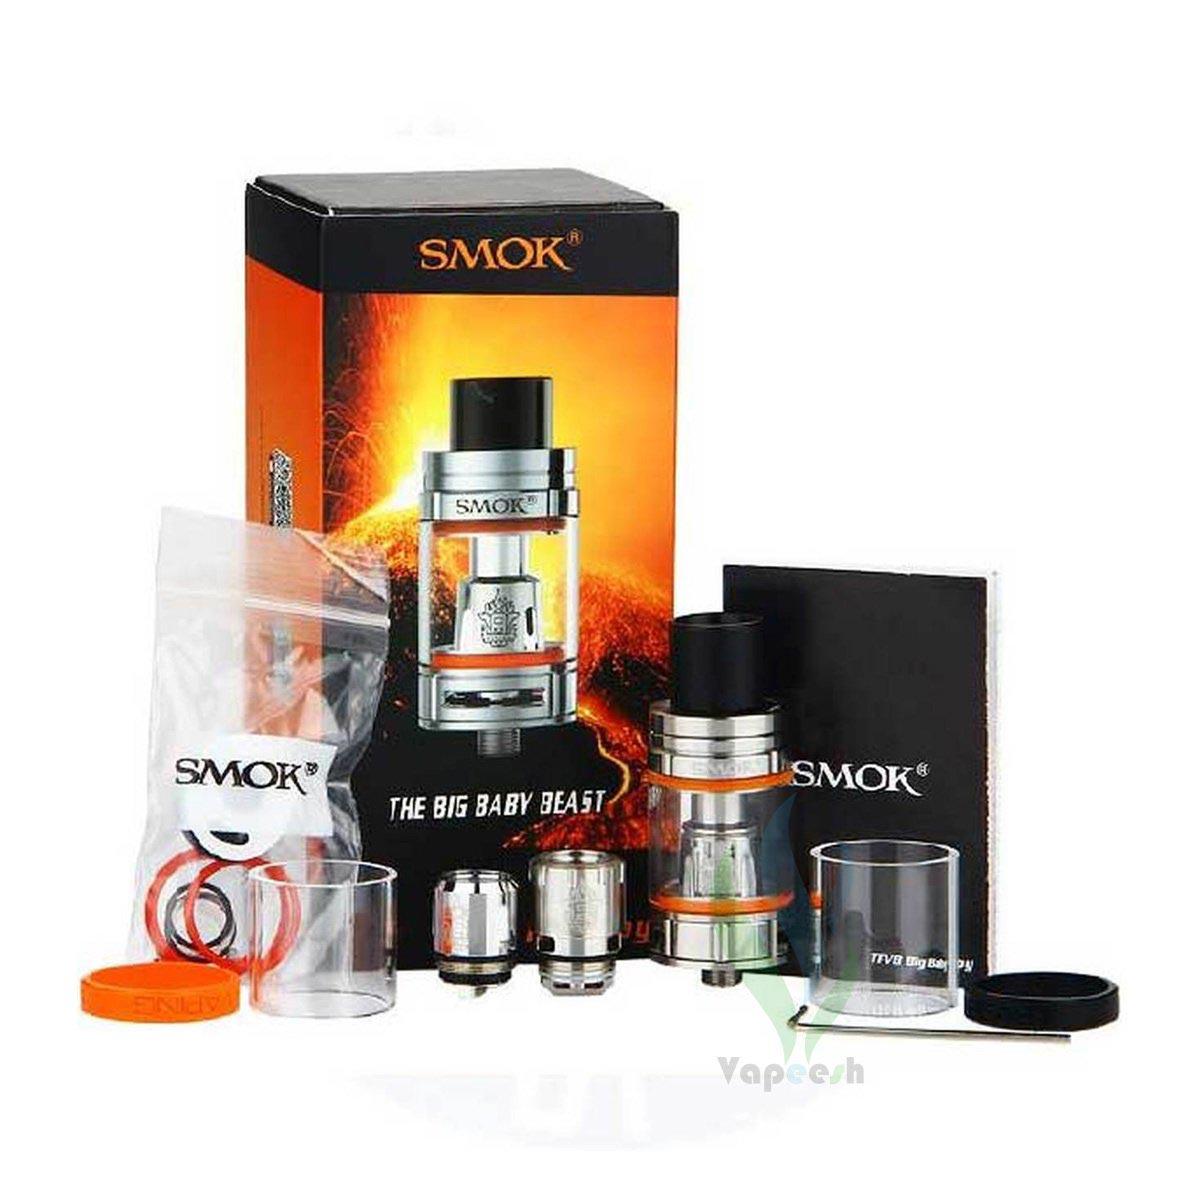 Smok TFV8 Big Baby Tank Package